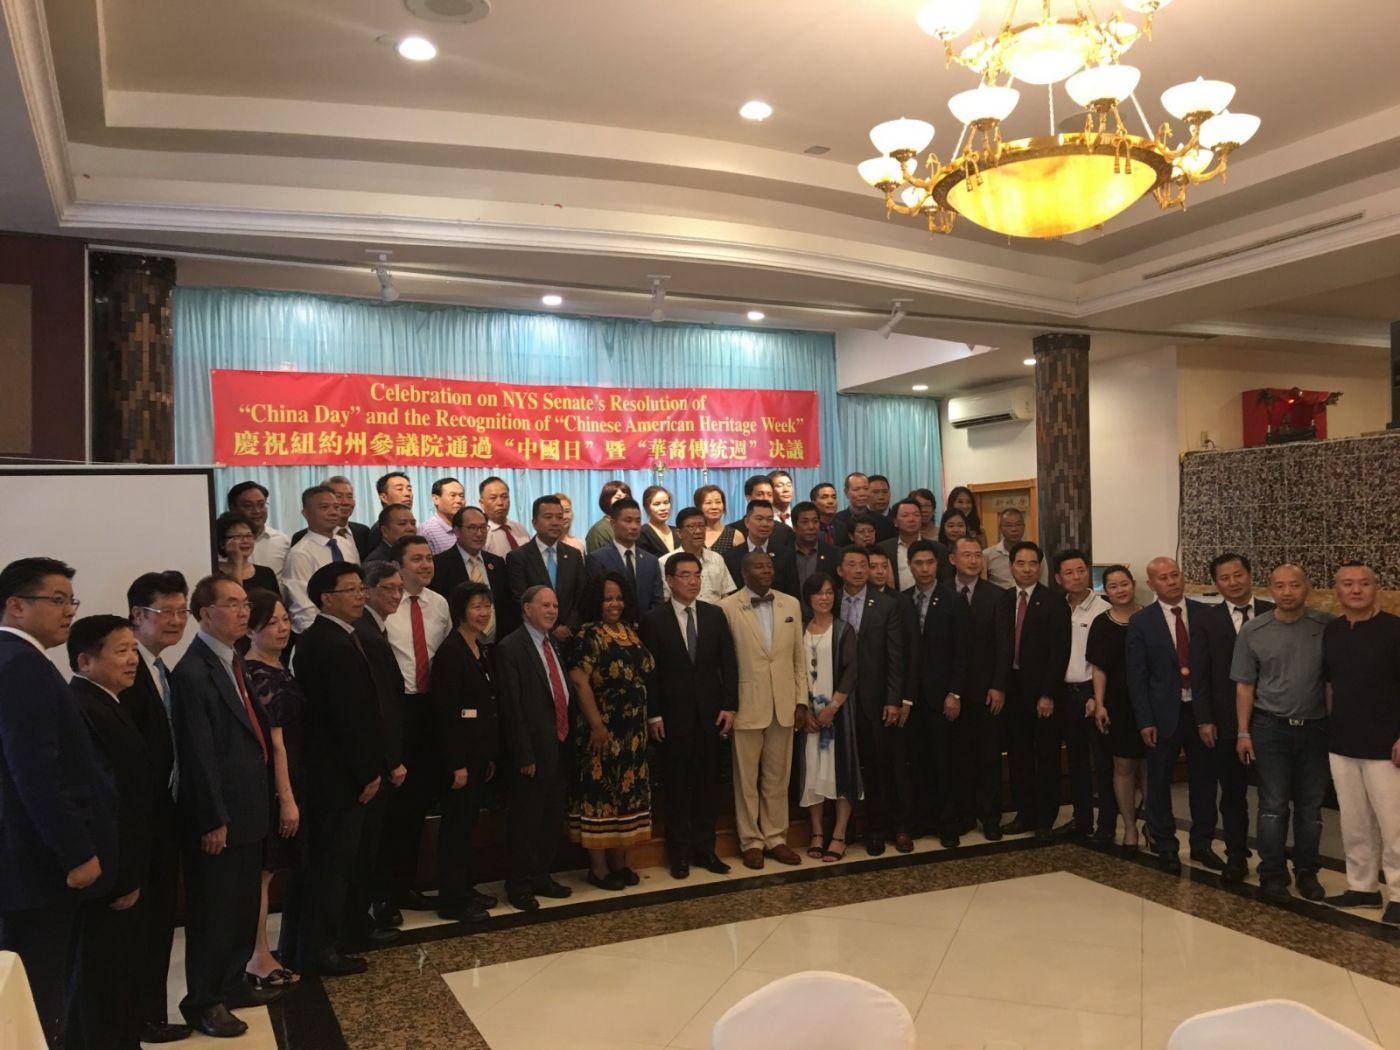 紐約州參議院通過「中國日」決議案慶祝会在紐約舉行_图1-36